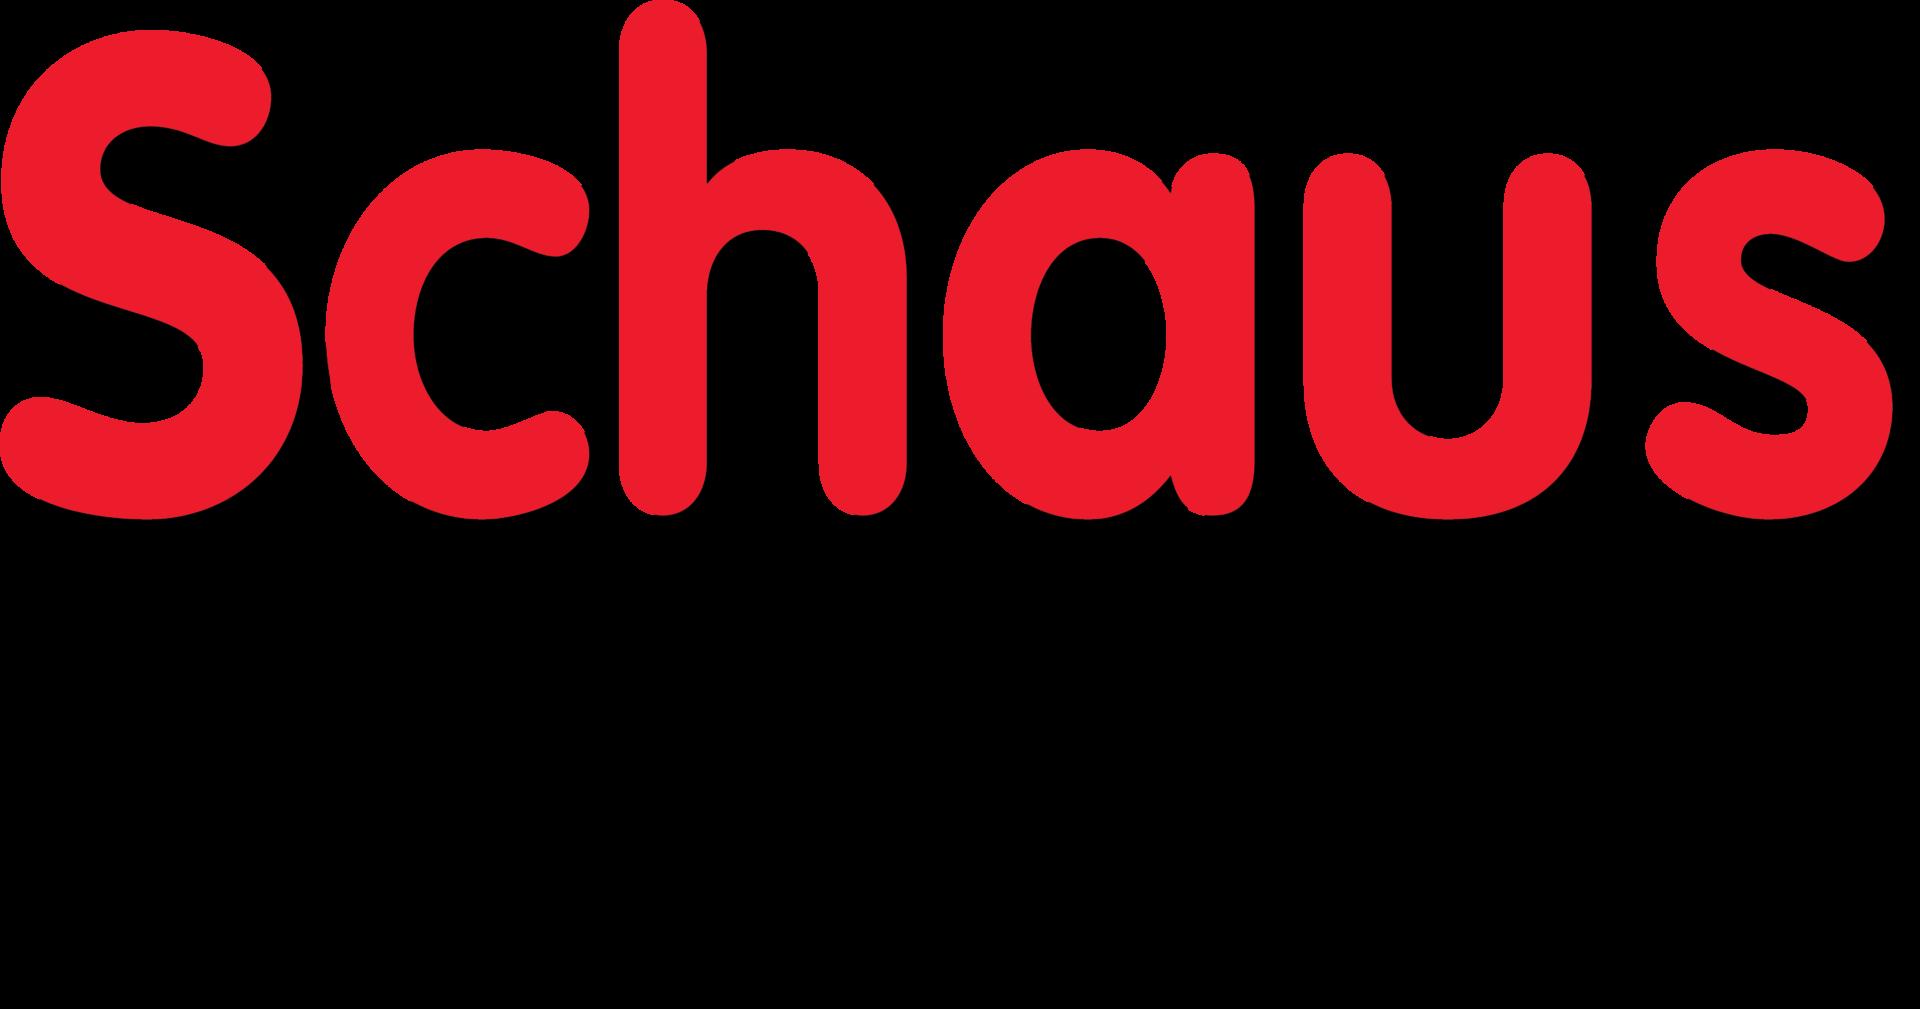 Schaus